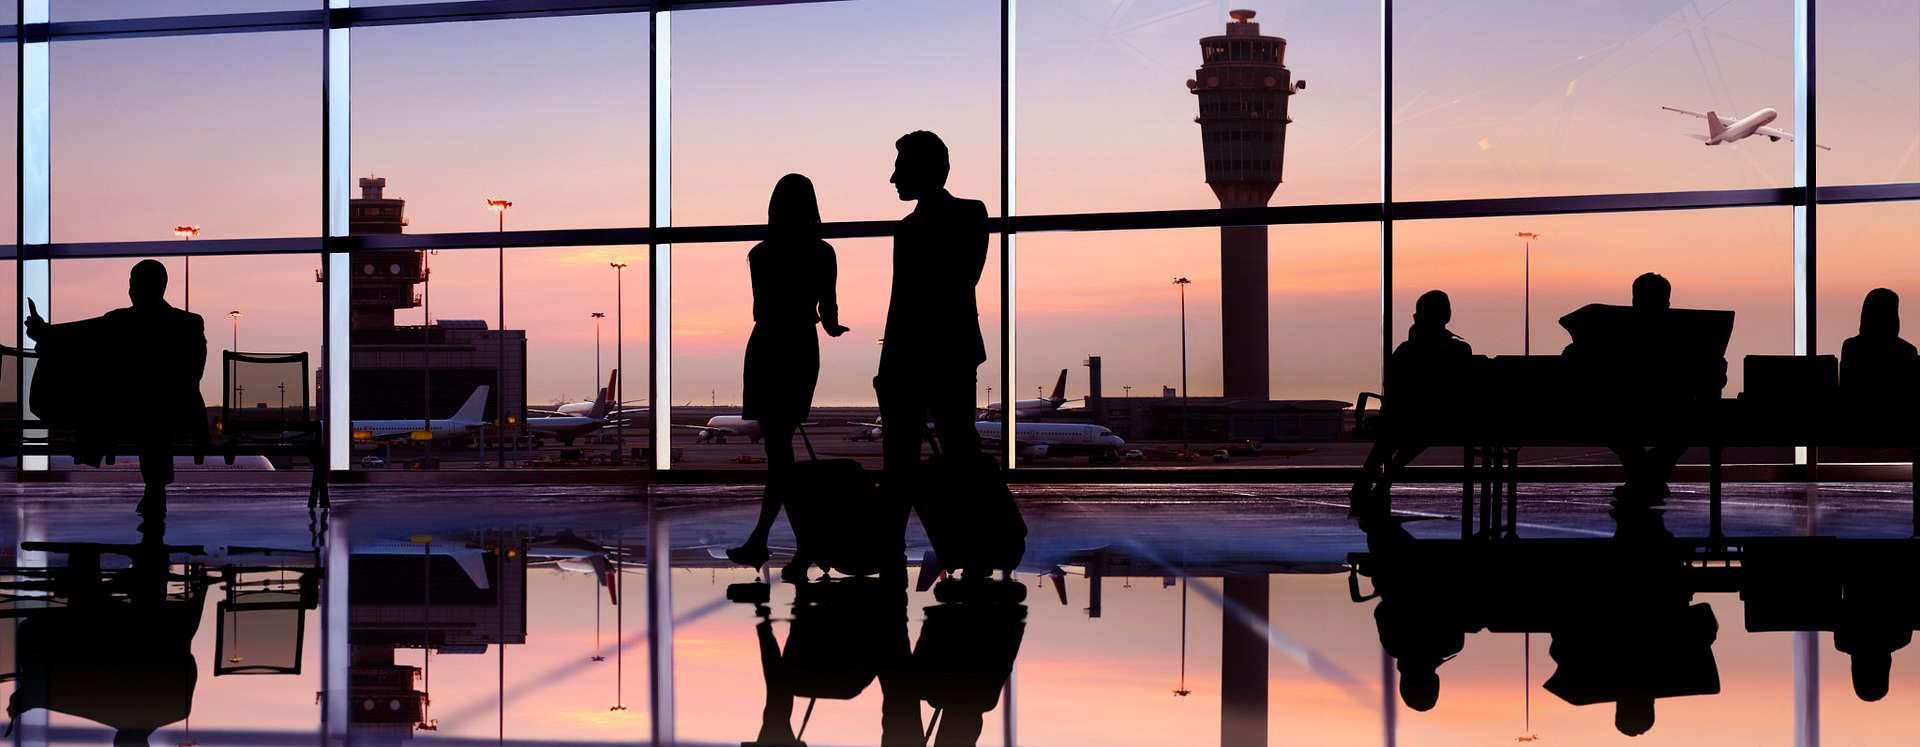 Viajeros adentro del aeropuerto en Orlando.